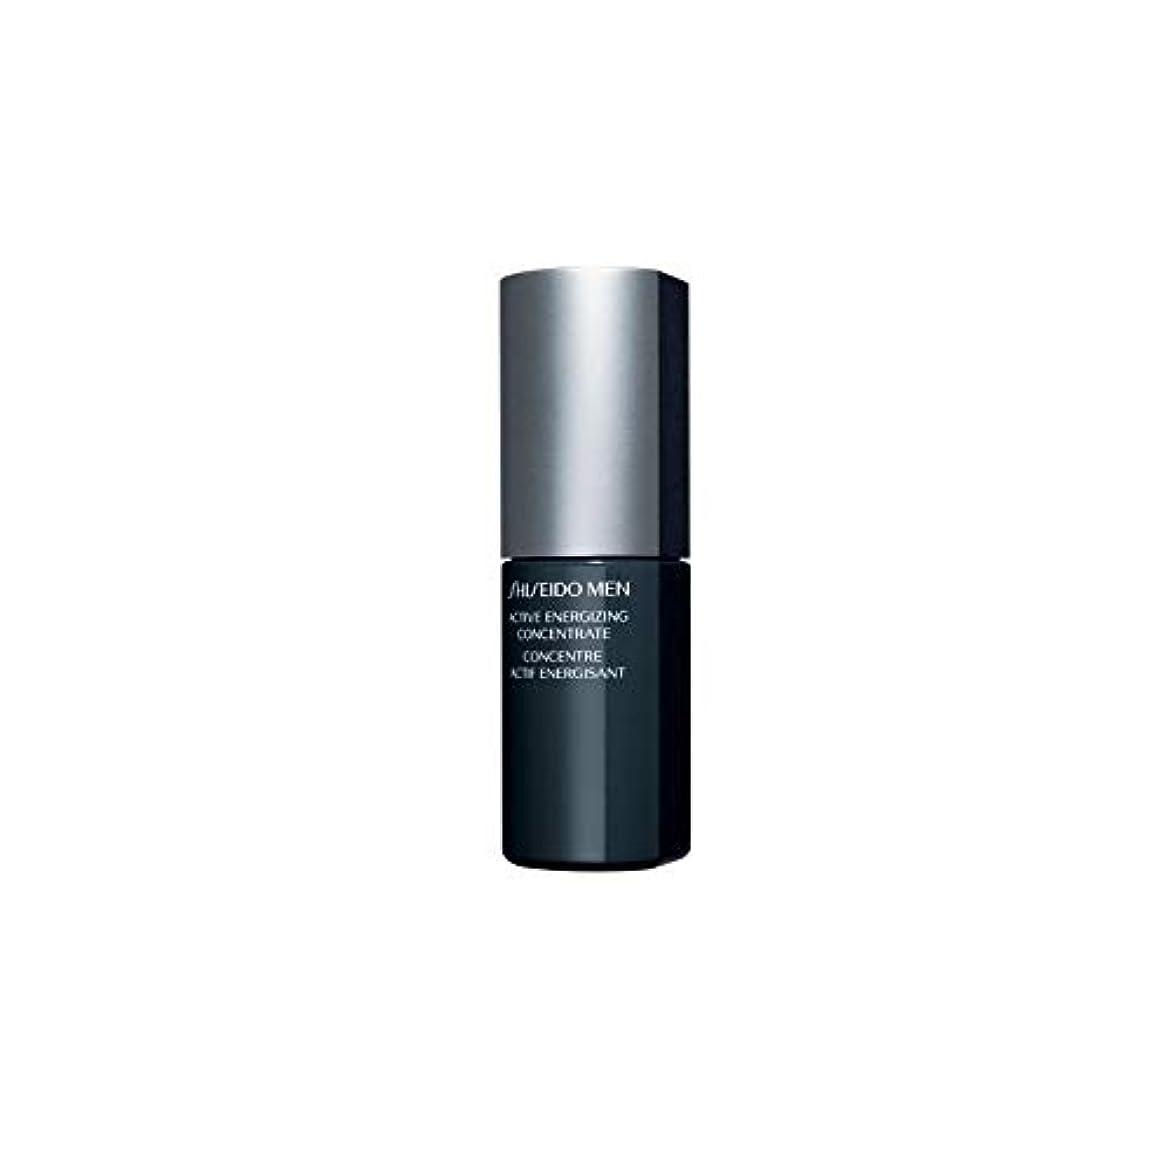 主人がんばり続けるプロフェッショナル[Shiseido ] 資生堂メンズアクティブ通電濃縮液(50ミリリットル) - Shiseido Mens Active Energizing Concentrate (50ml) [並行輸入品]